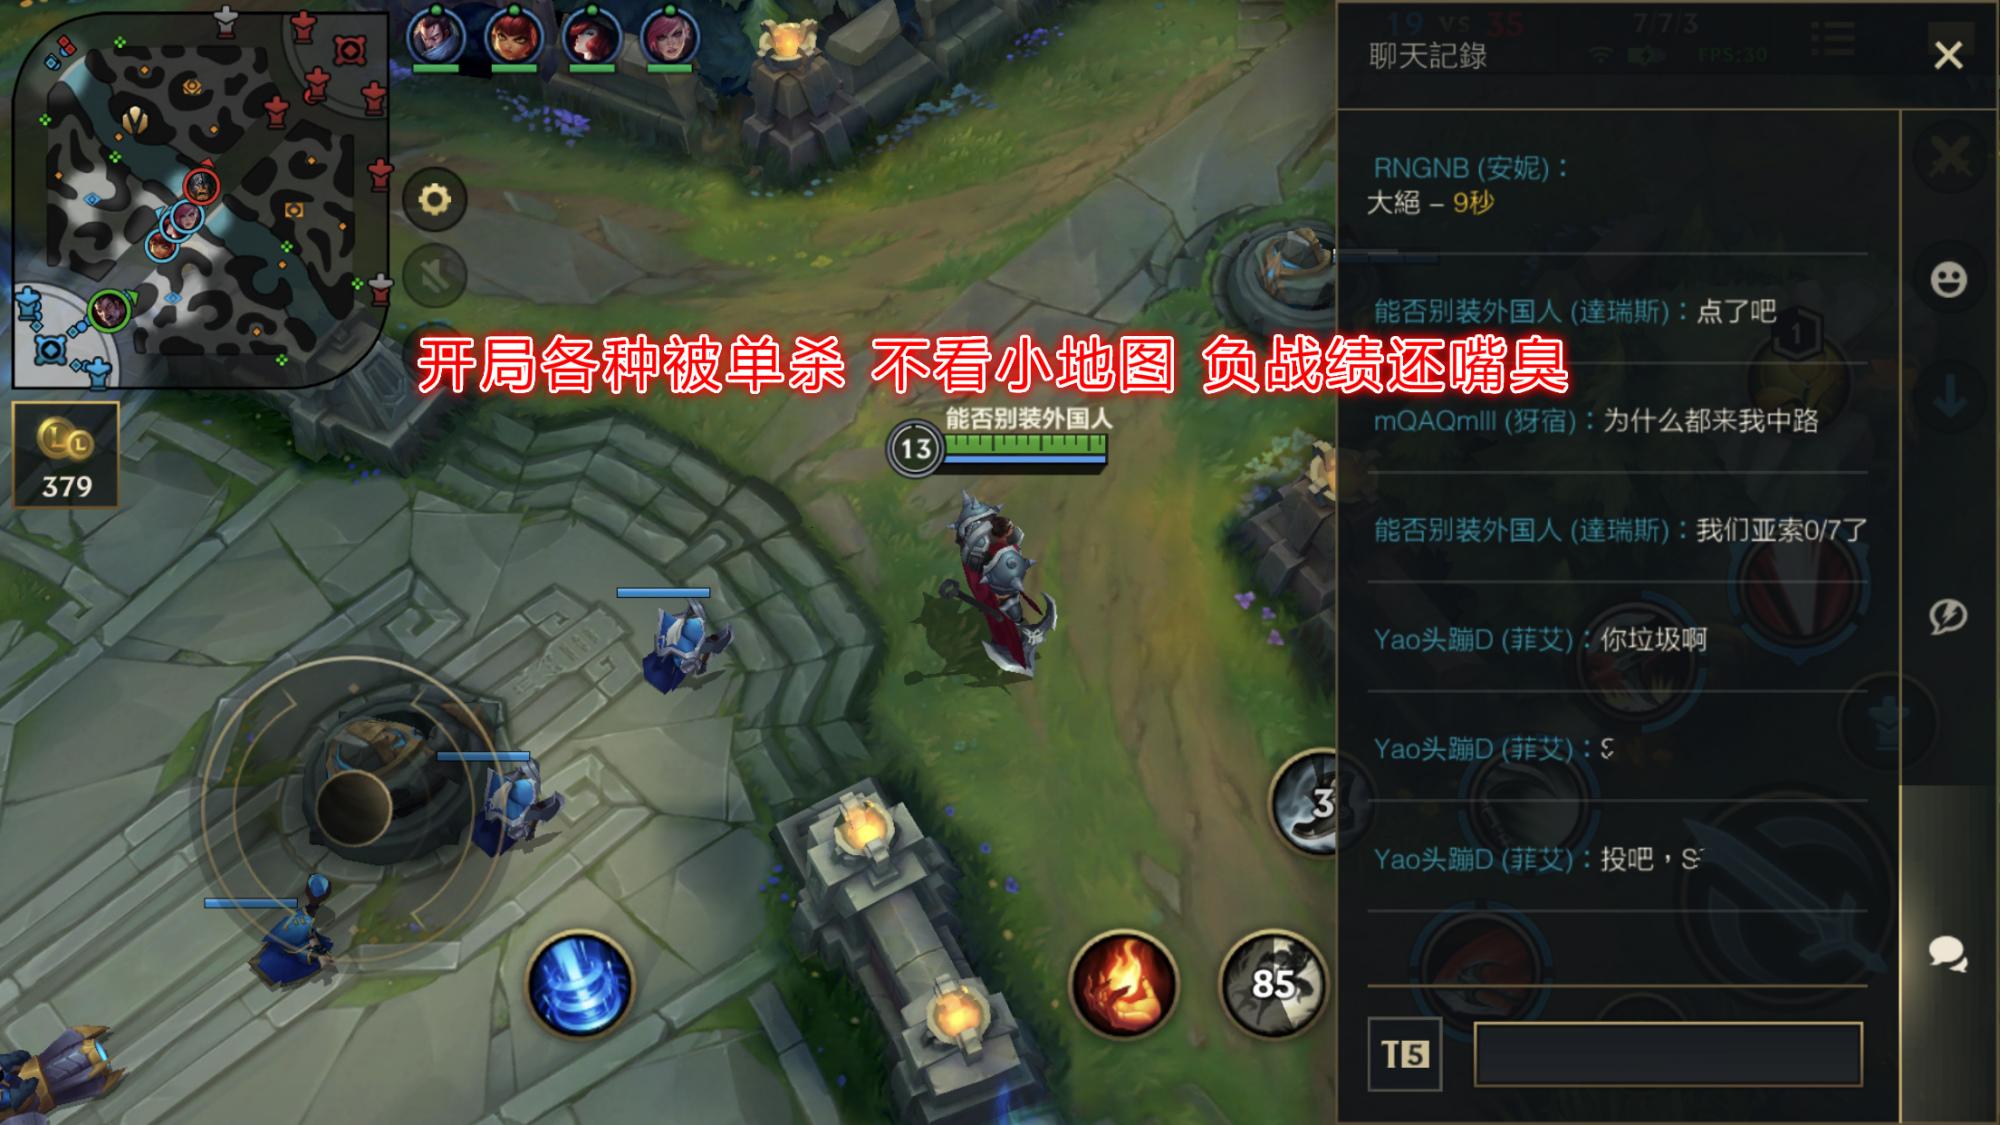 《【煜星娱乐集团】LOL手游现状堪忧,顶着中文ID开局就被单杀?负战绩还各种嘴臭!》